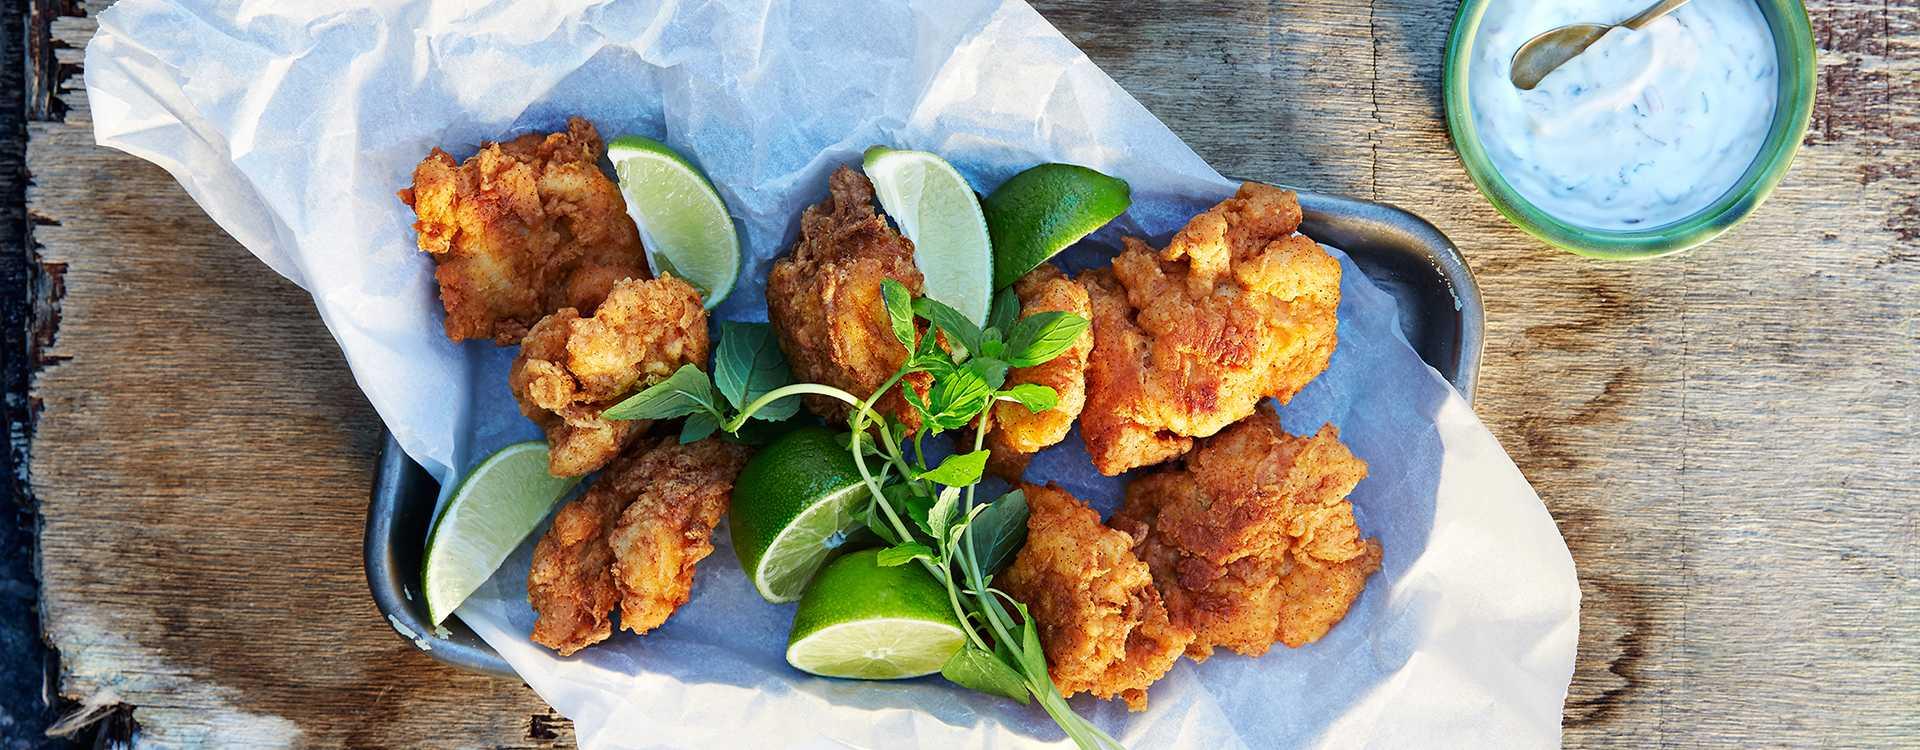 Fritert kylling med krydderdipp